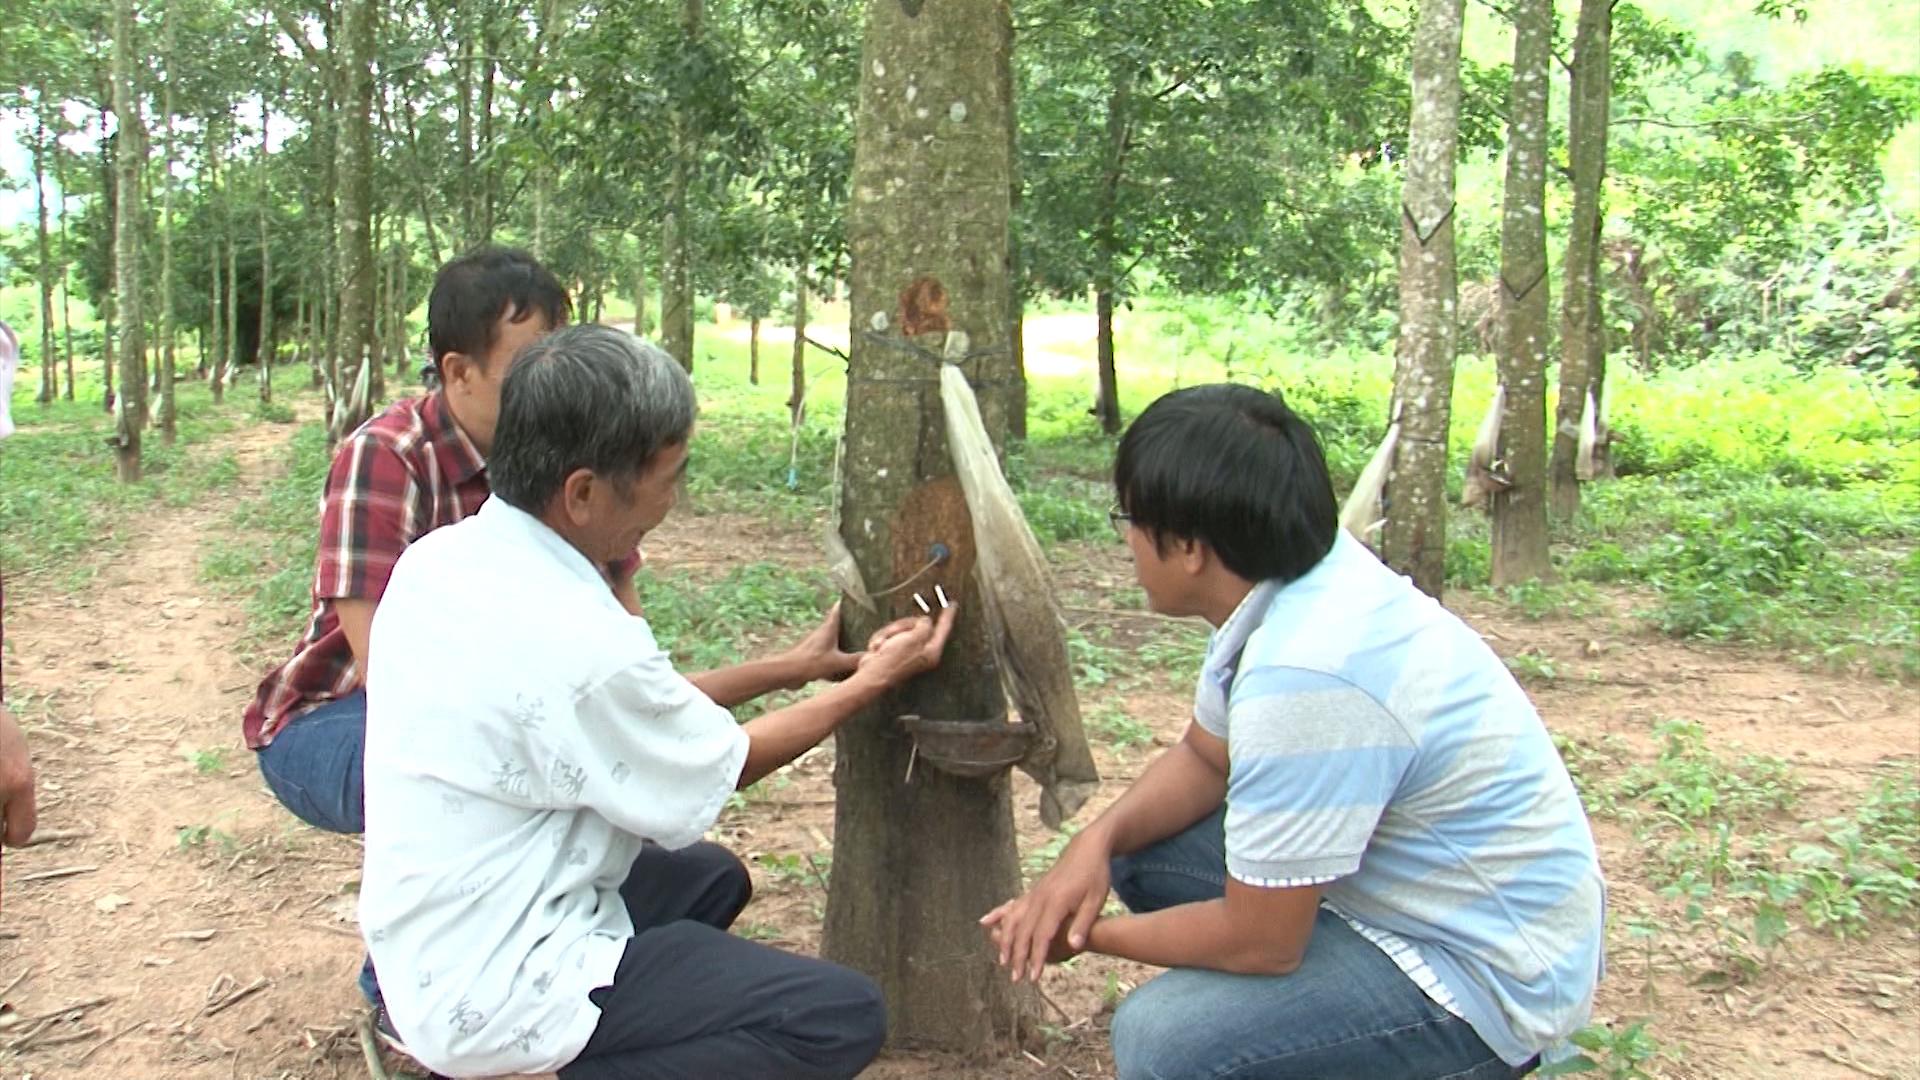 Trung Quốc nhập lượng nông sản khổng lồ này của Việt Nam về làm lốp rồi bán sang Việt Nam 4.000 ô tô - Ảnh 1.